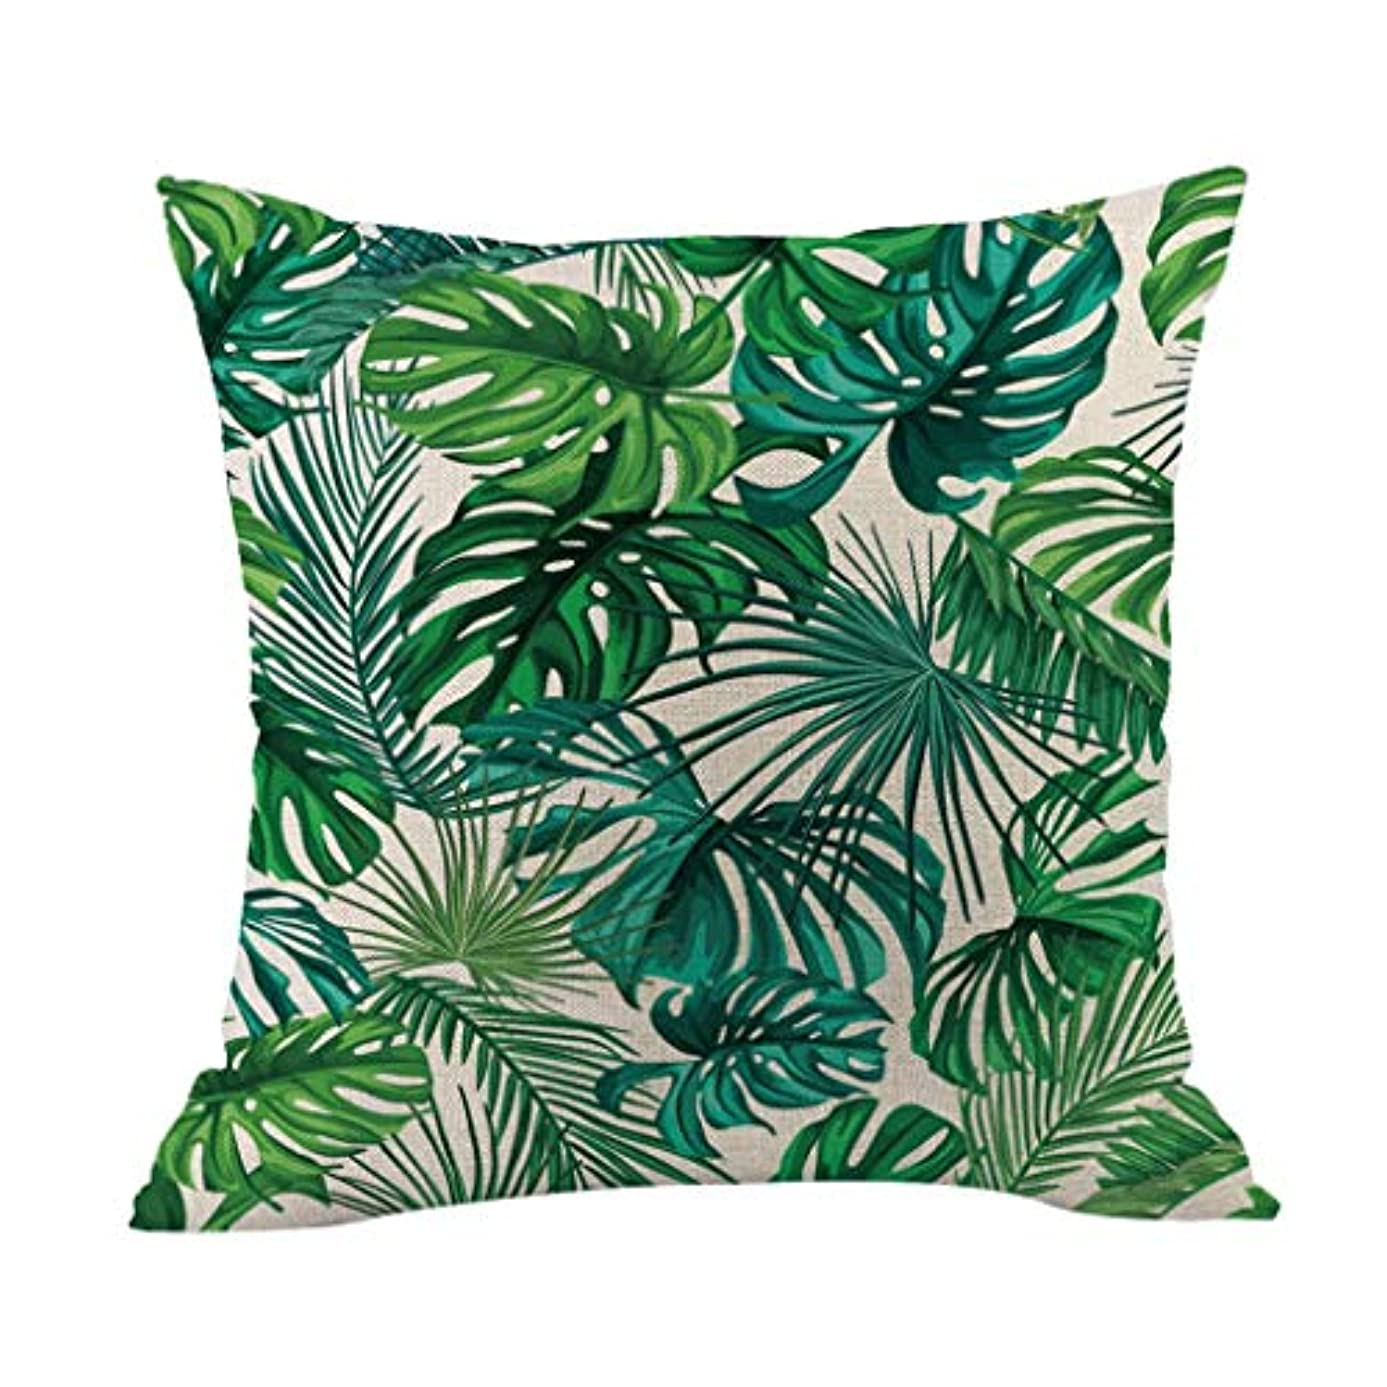 チャンバーの間に顎LIFE 高品質クッション熱帯植物ポリエステル枕ソファ投げるパッドセットホーム人格クッション coussin decoratif クッション 椅子